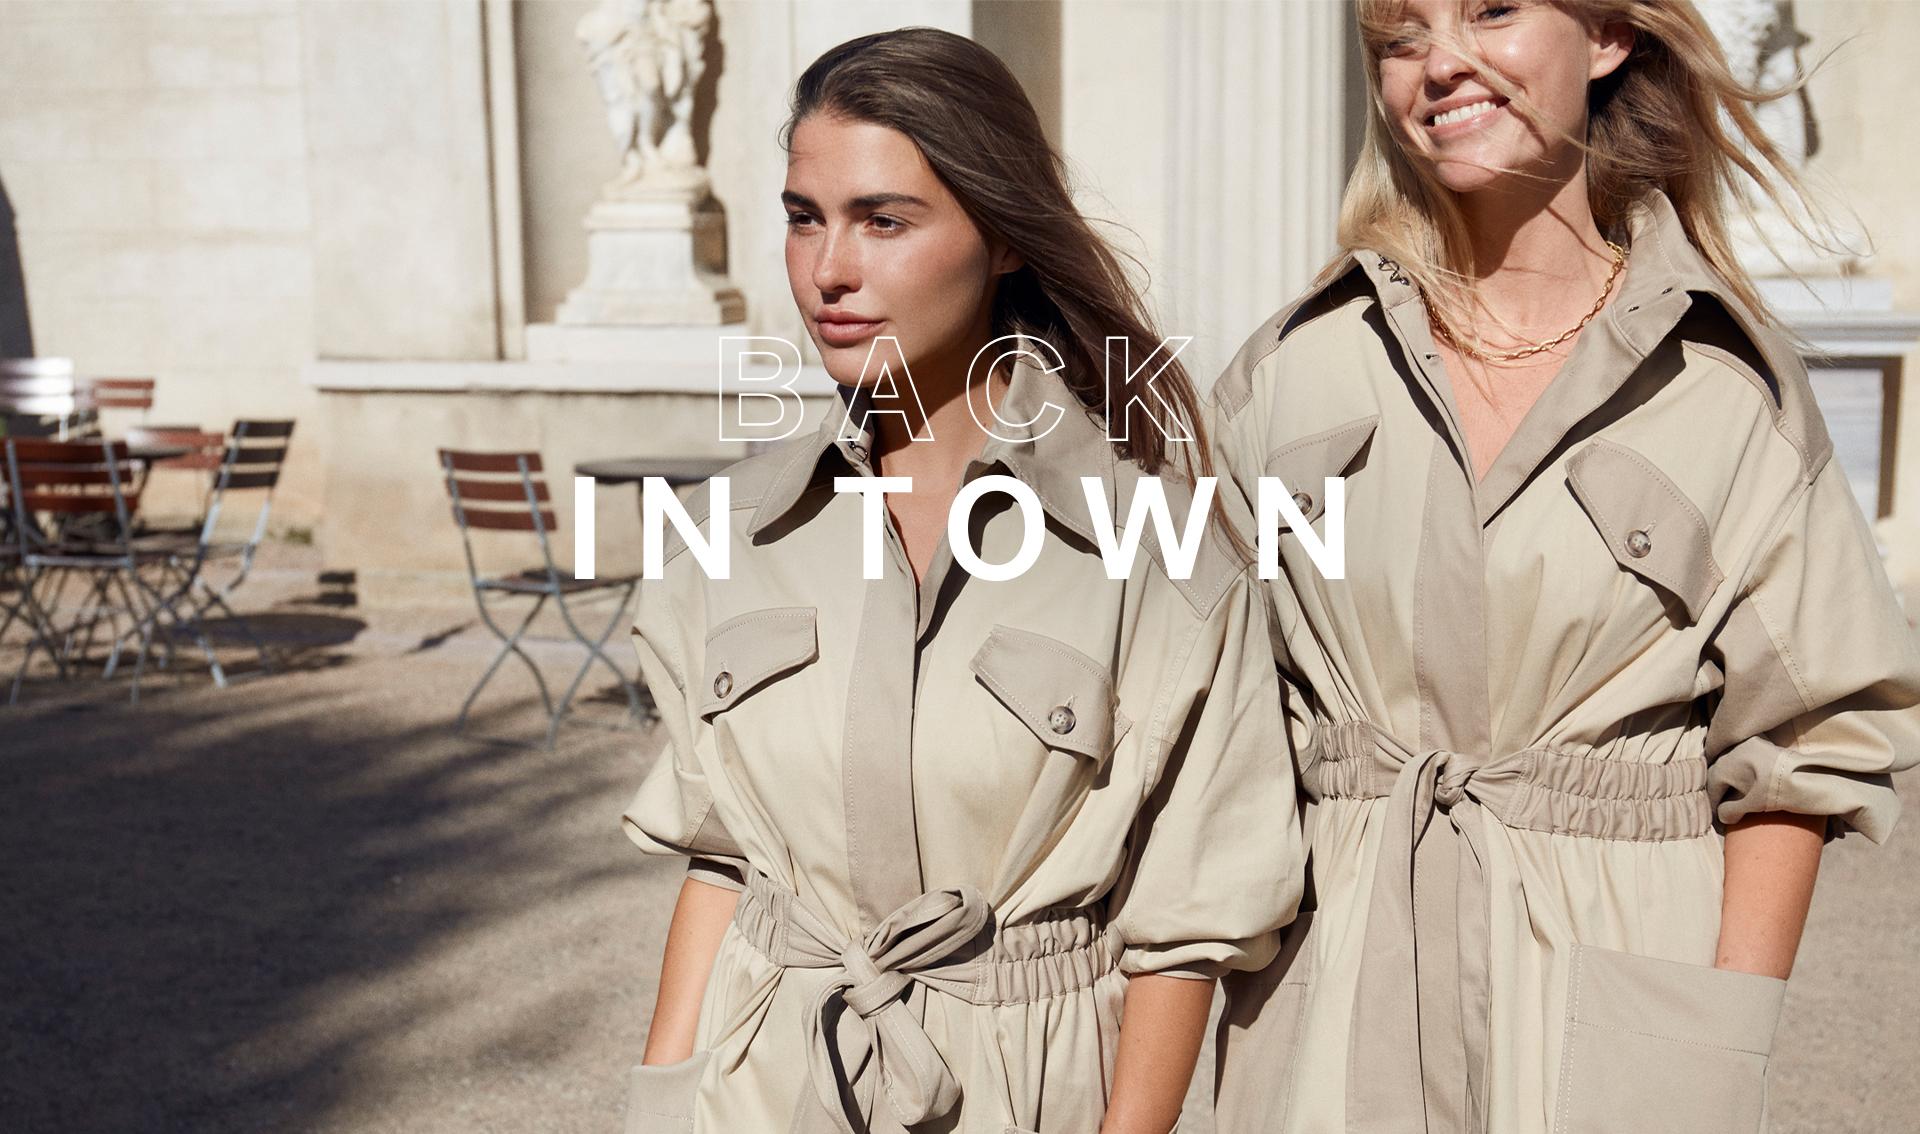 Deux femmes portant deux manteaux, se promènent dans la rue